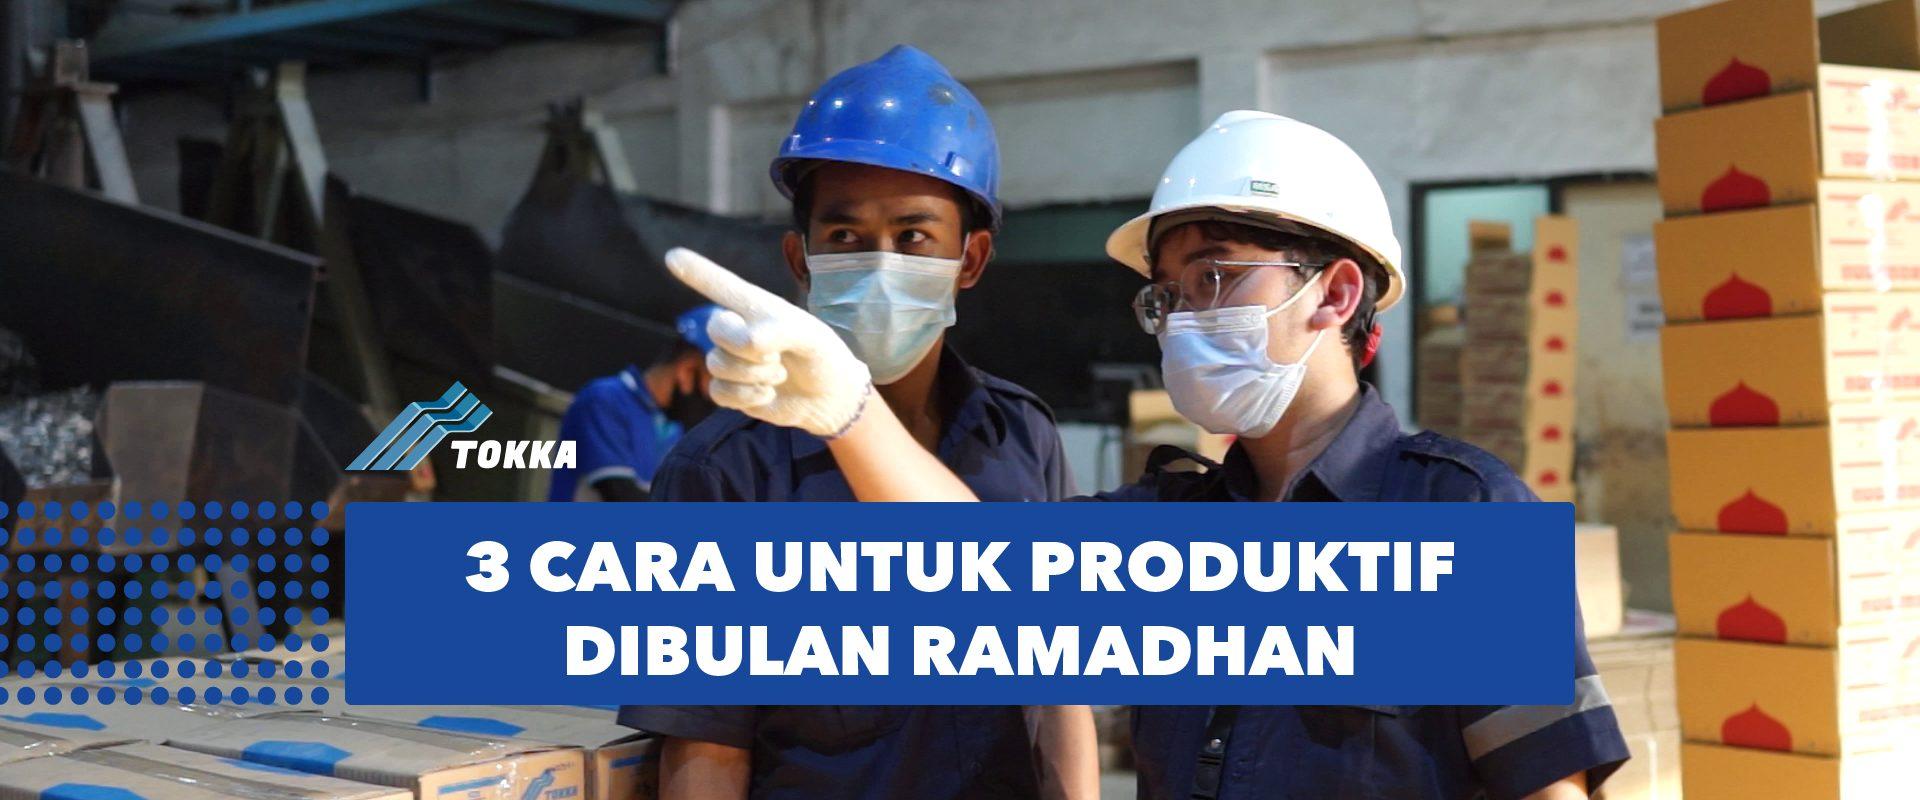 artikel_3carauntukproduktifdibulanramadhan-01